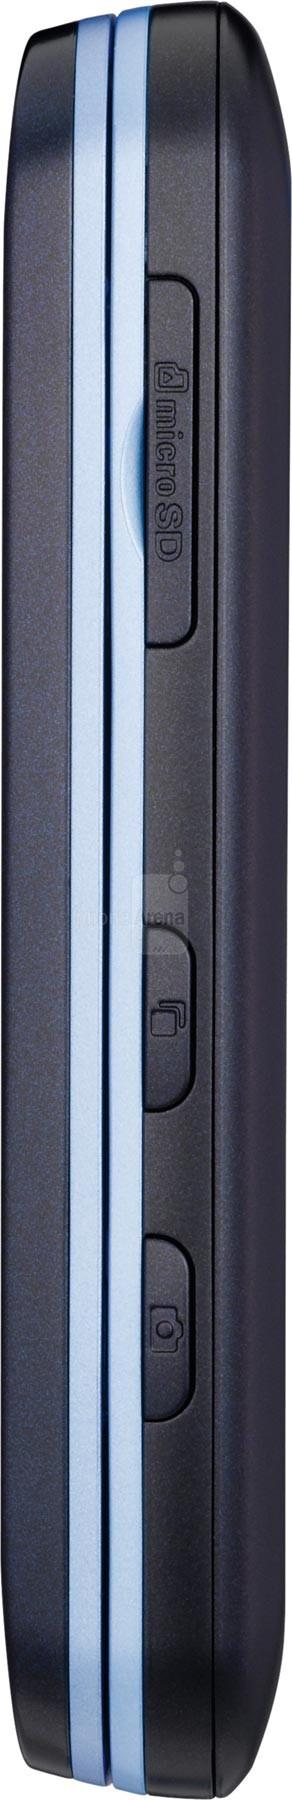 LG Neon II